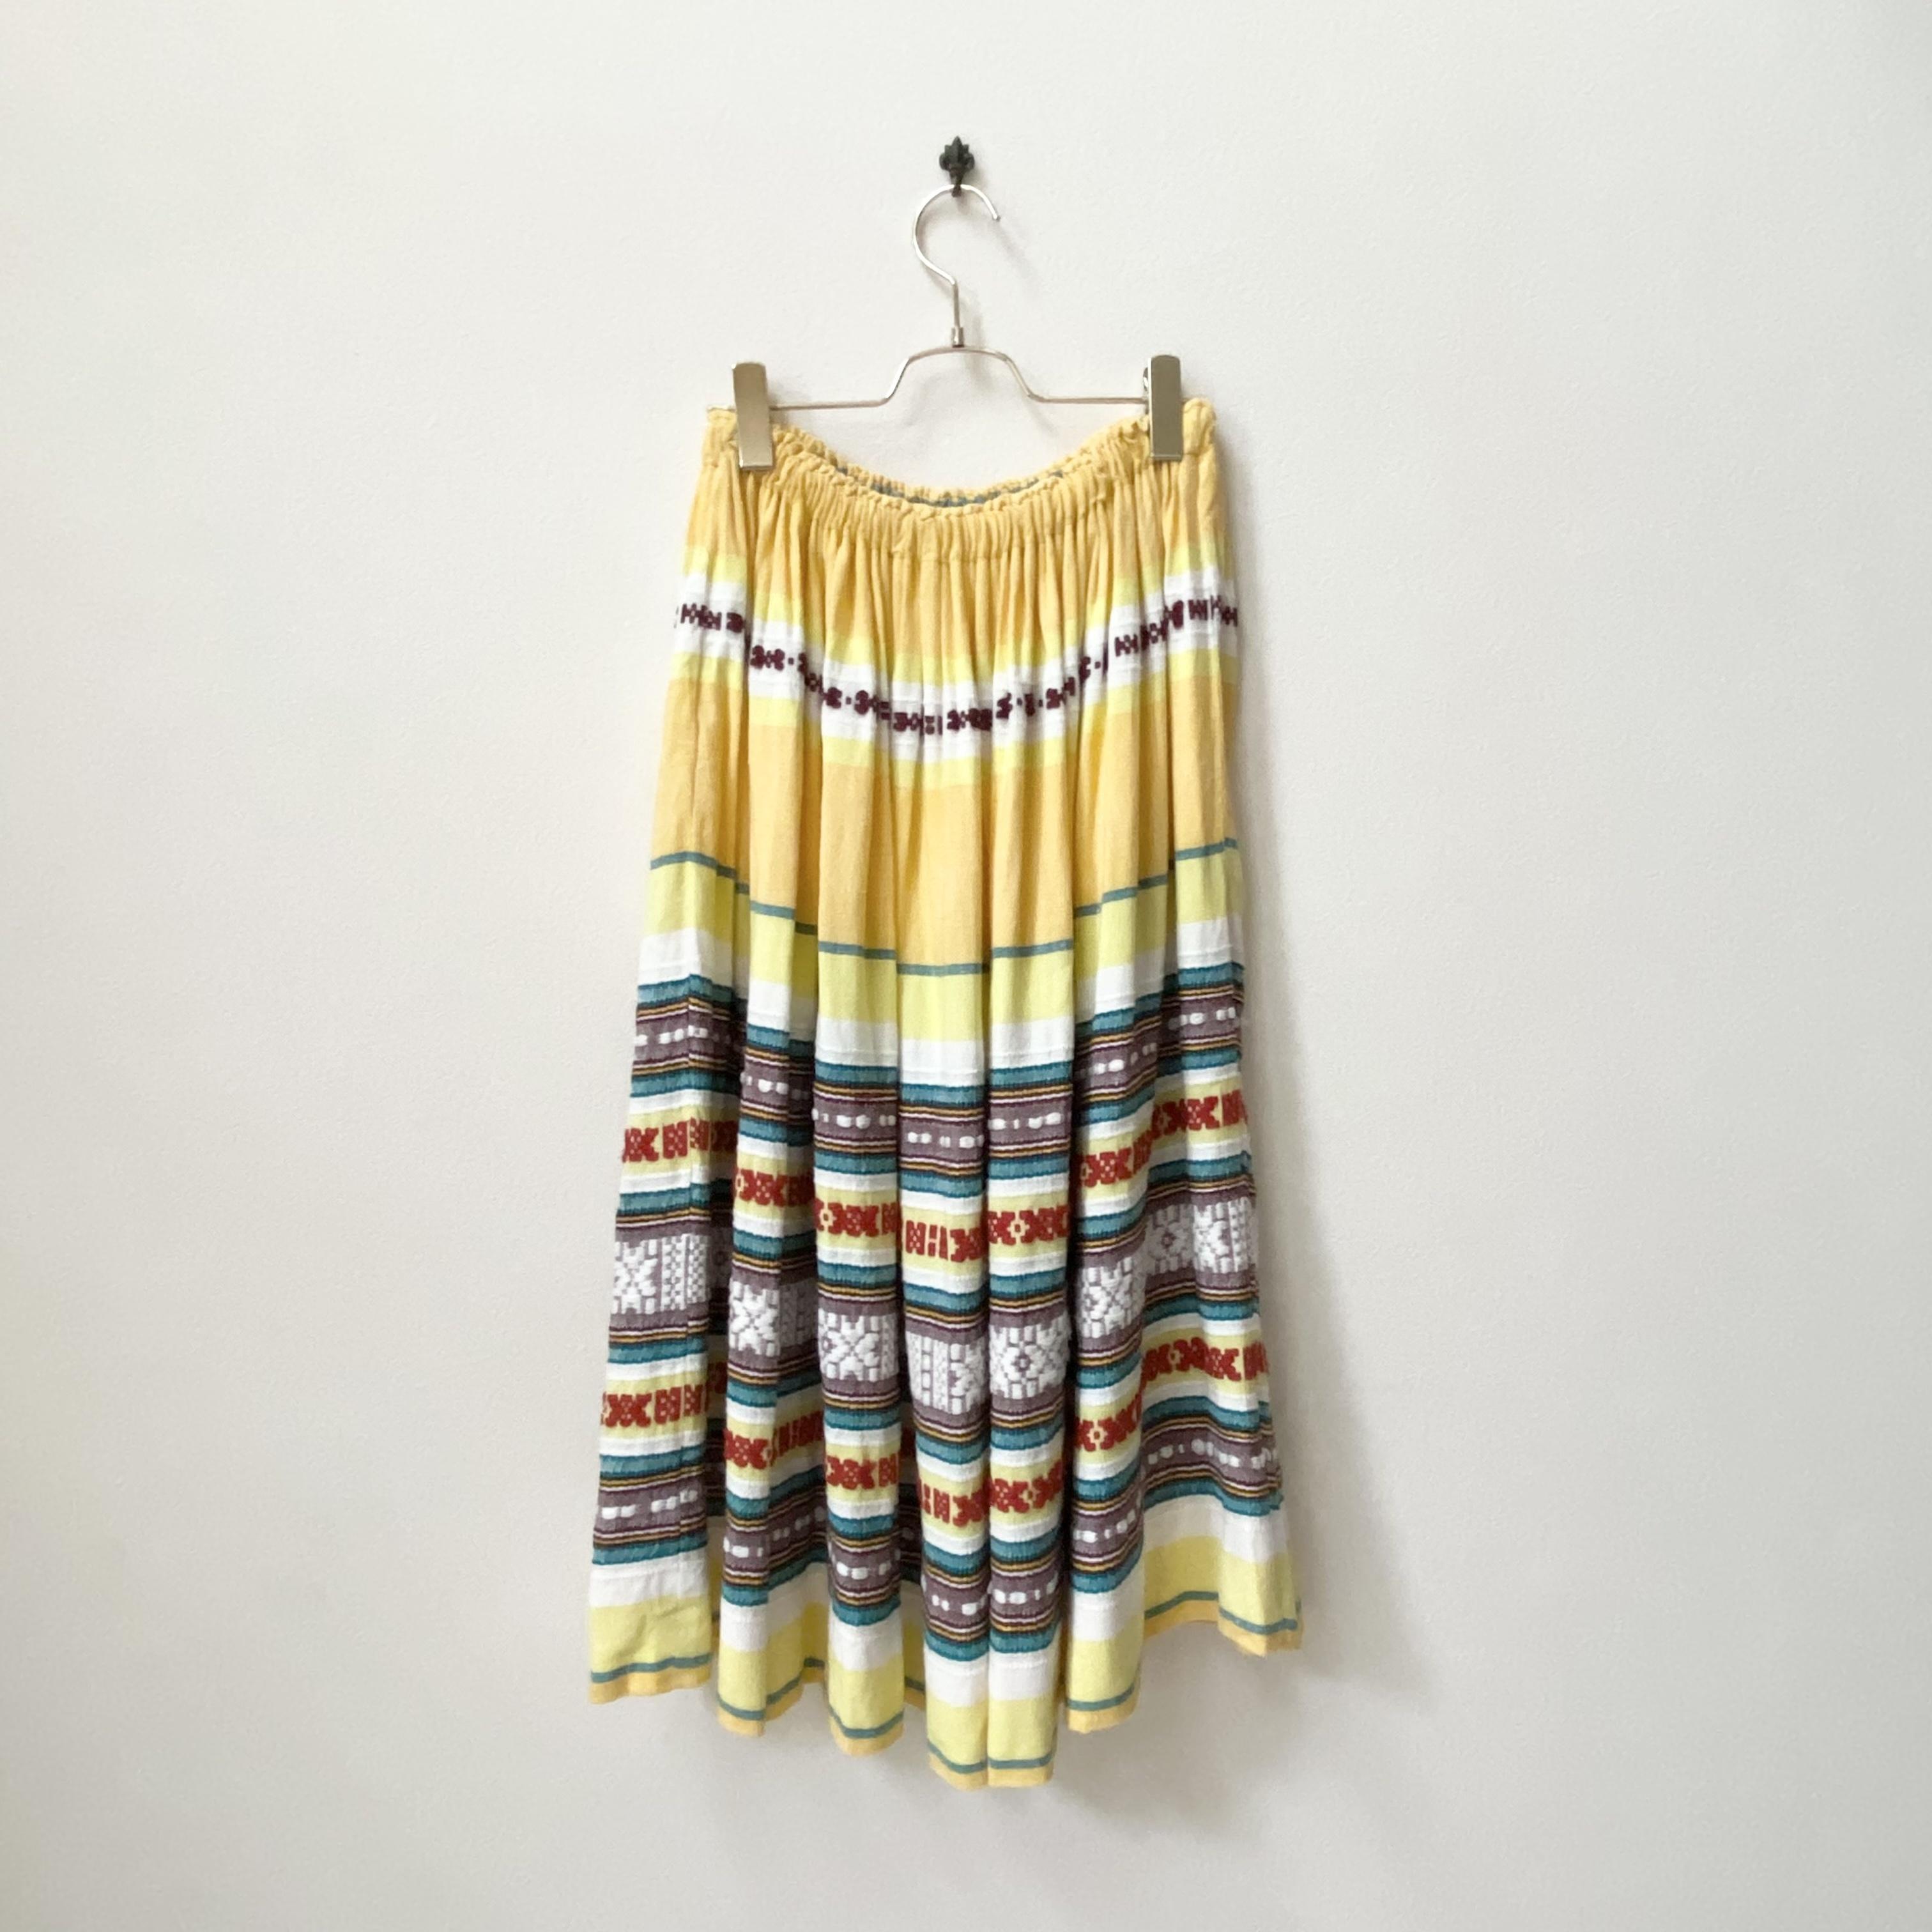 レディース 60年代 USA製 ヴィンテージ ハンドメイド刺繍 ギャザースカート アメリカ 古着 イエロー 日本M〜L